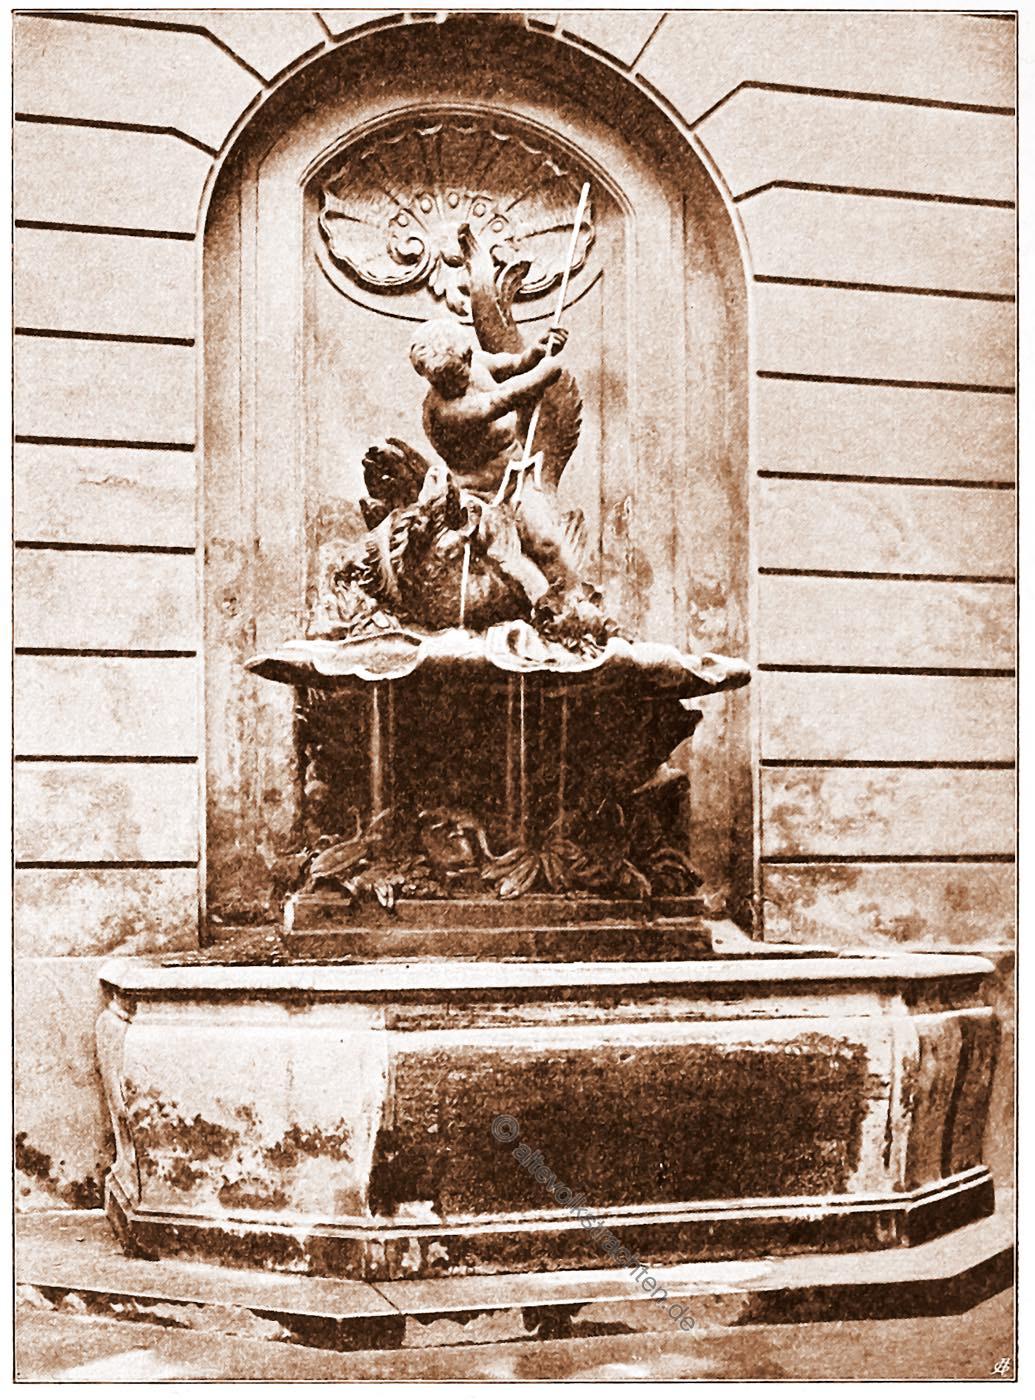 Wandbrunnen, Akademiegebäude,  Wien, Brunnen, Österreich, Architektur, Hartwig Fischel,